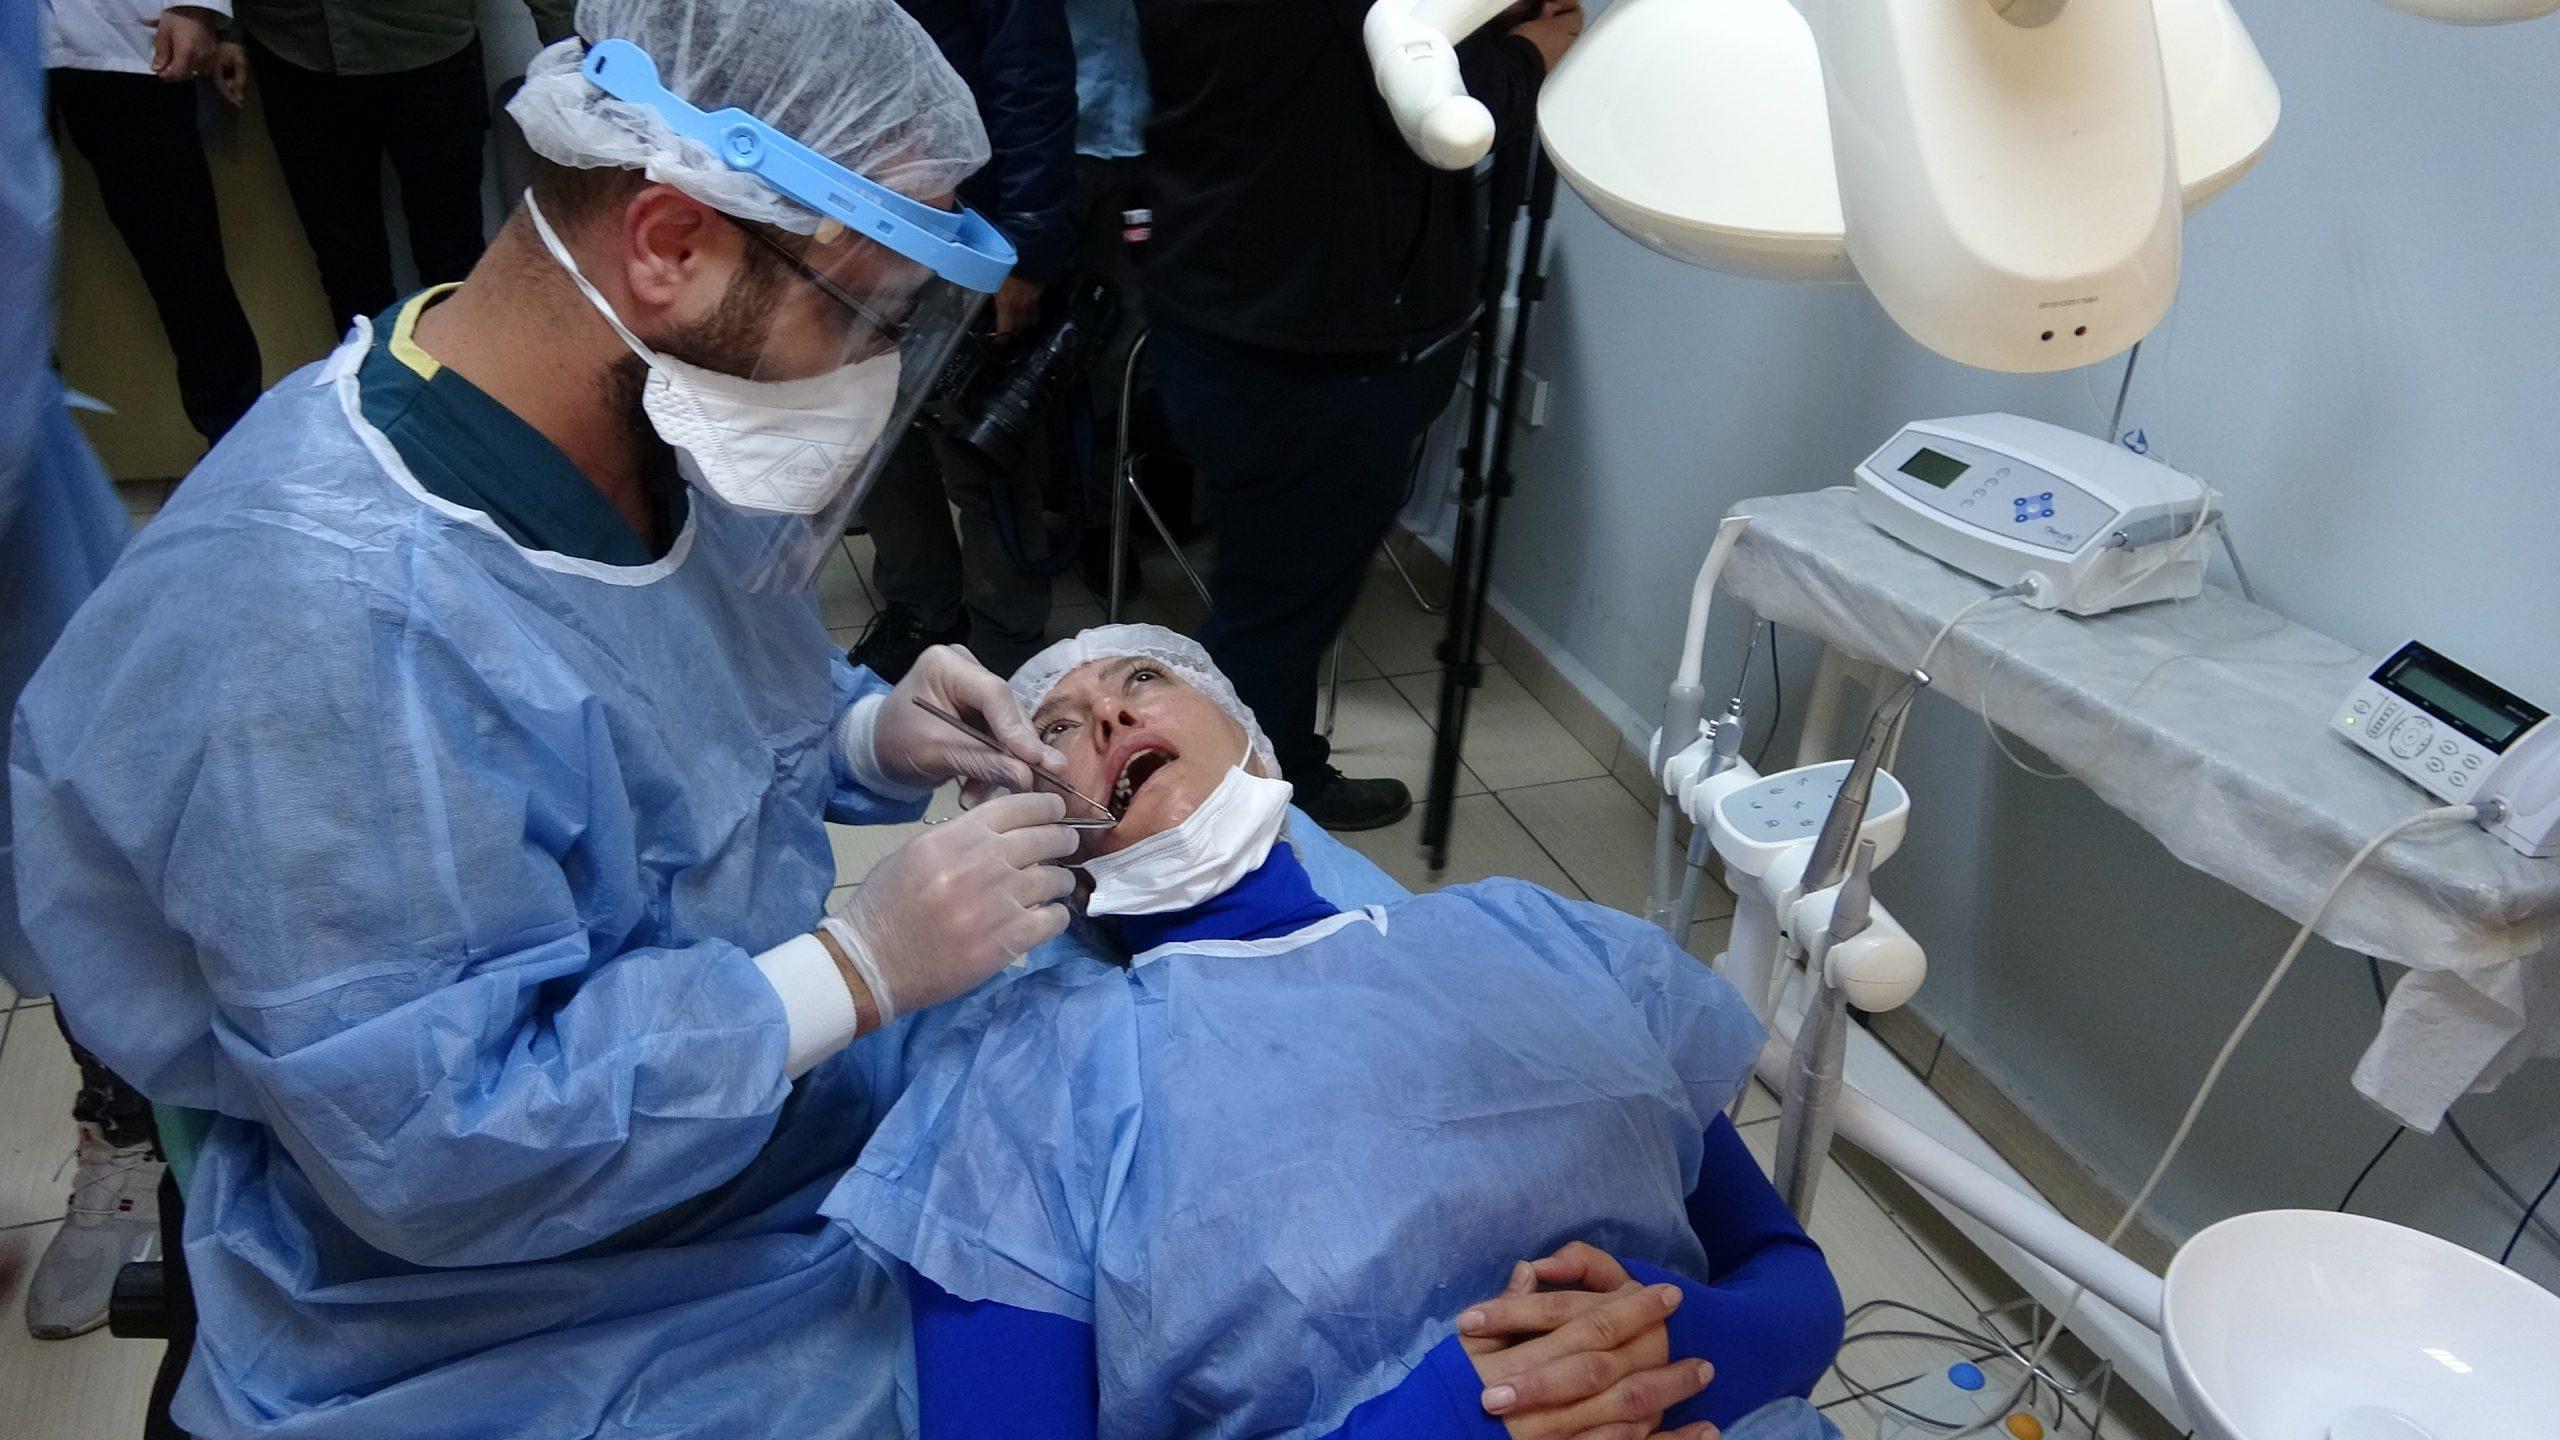 Mardin Ağız ve Diş Sağlığı Merkezi'nde ilk implant tedavisi uygulanmaya başlandı